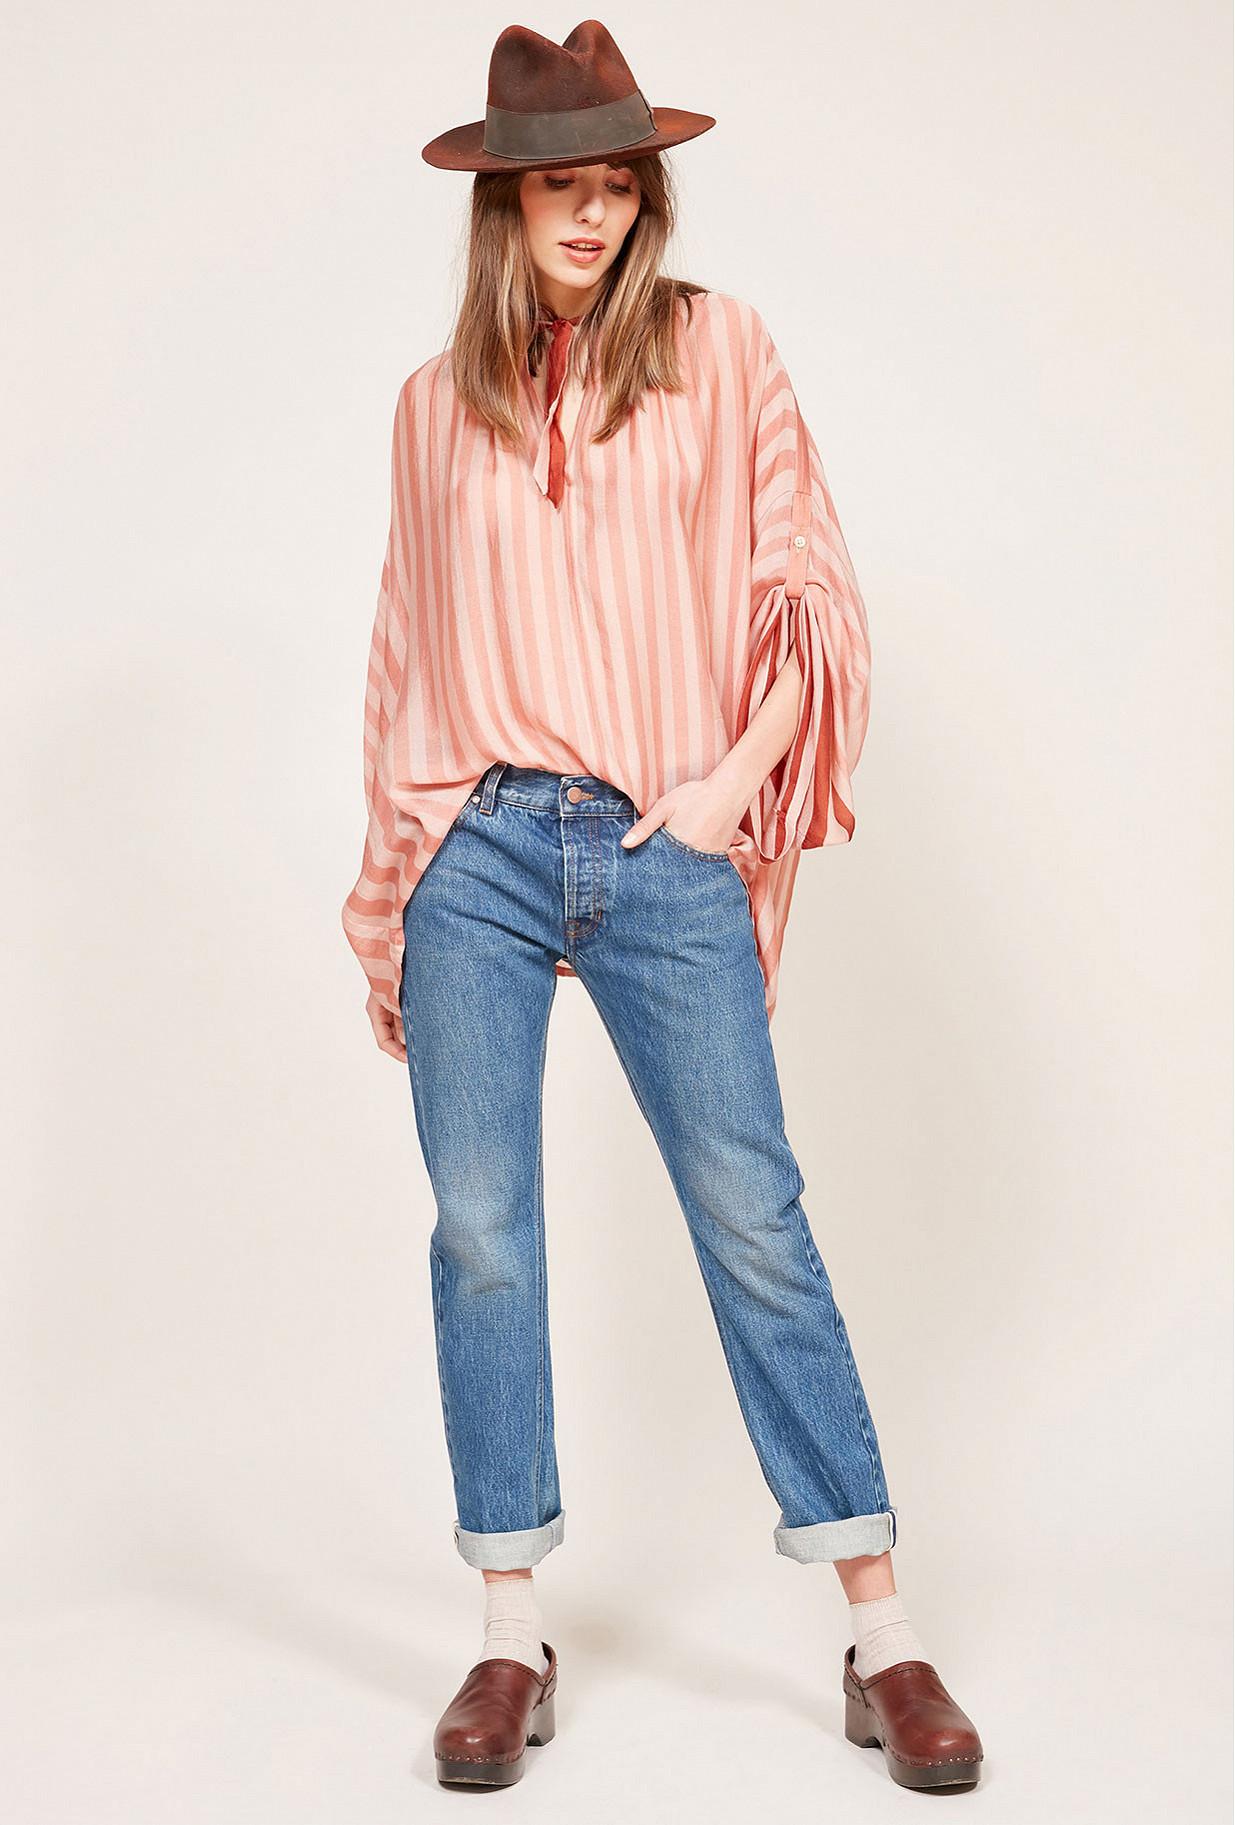 Paris boutique de mode vêtement Blouse créateur bohème  Sunlight